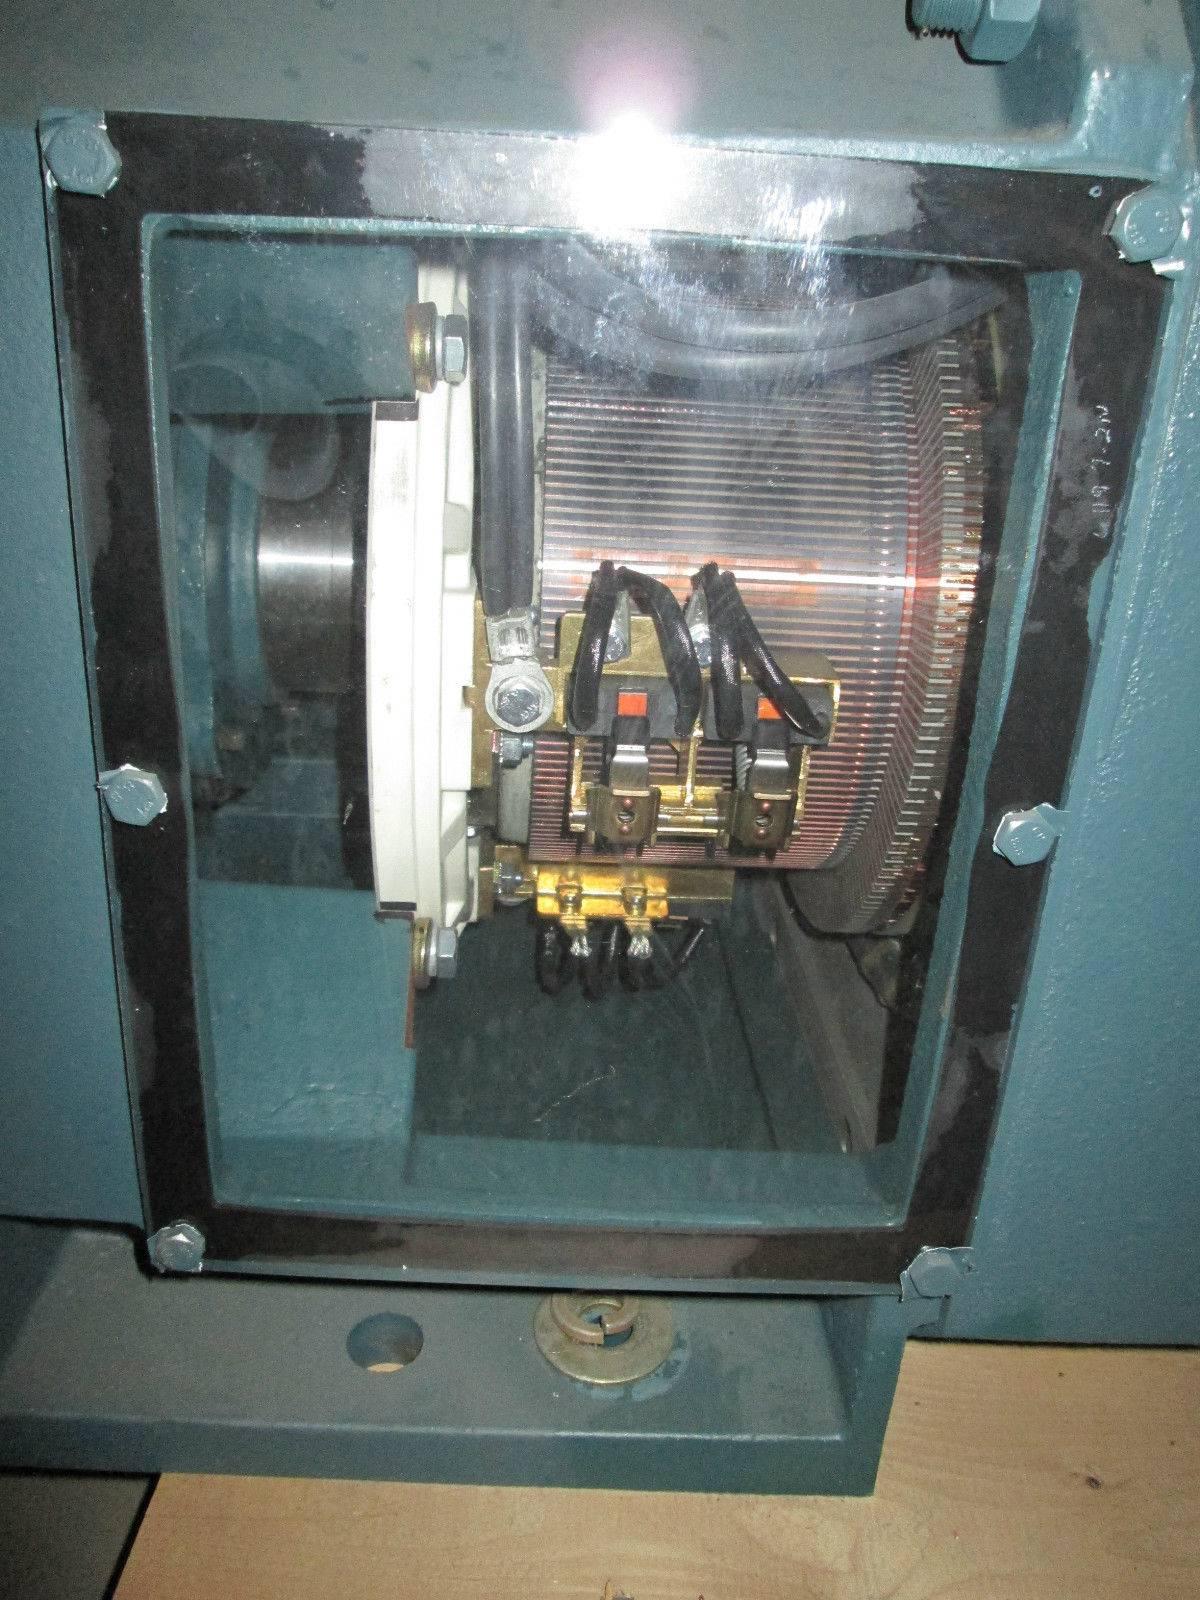 Reliance Dc Motor Wiring Diagram - Wiring Diagram